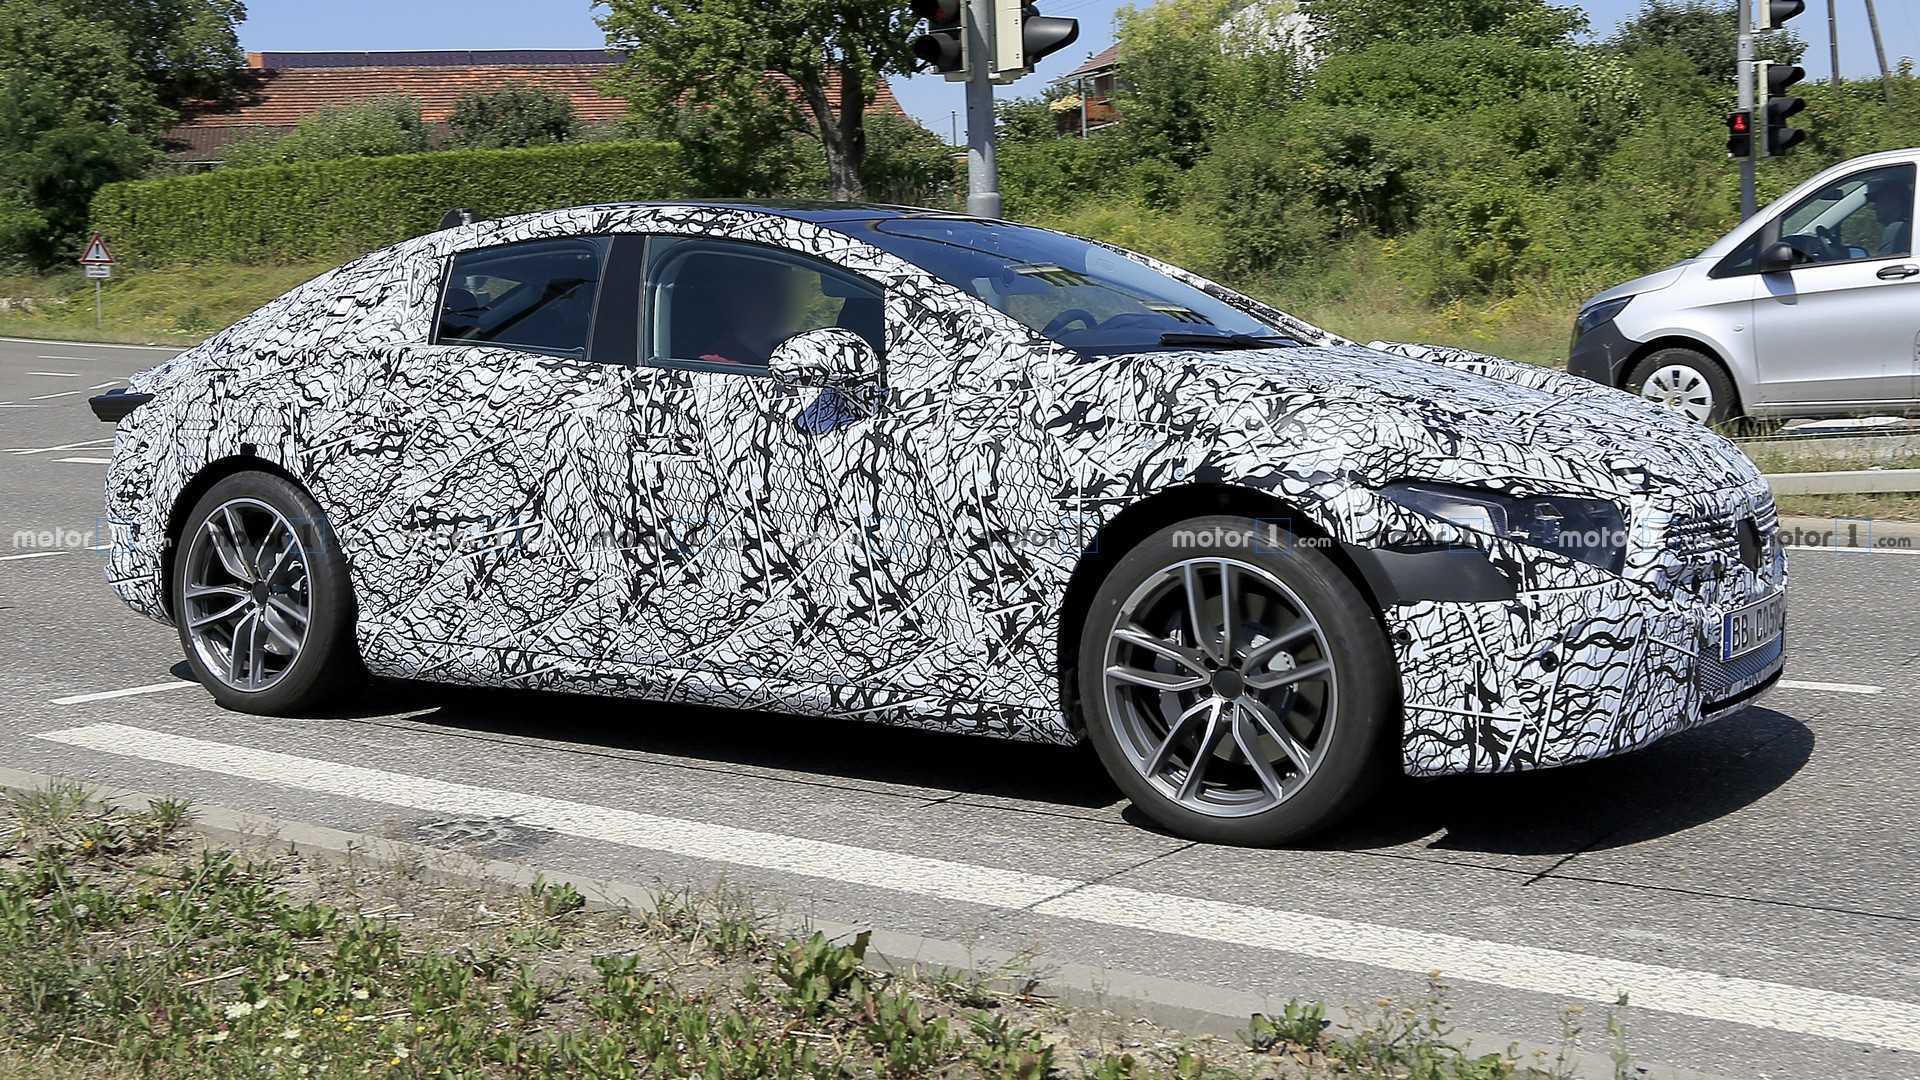 Flagra: Mercedes-Benz EQS será elétrico rival do Porsche Taycan 2021-mercedes-eqs-spy-photo